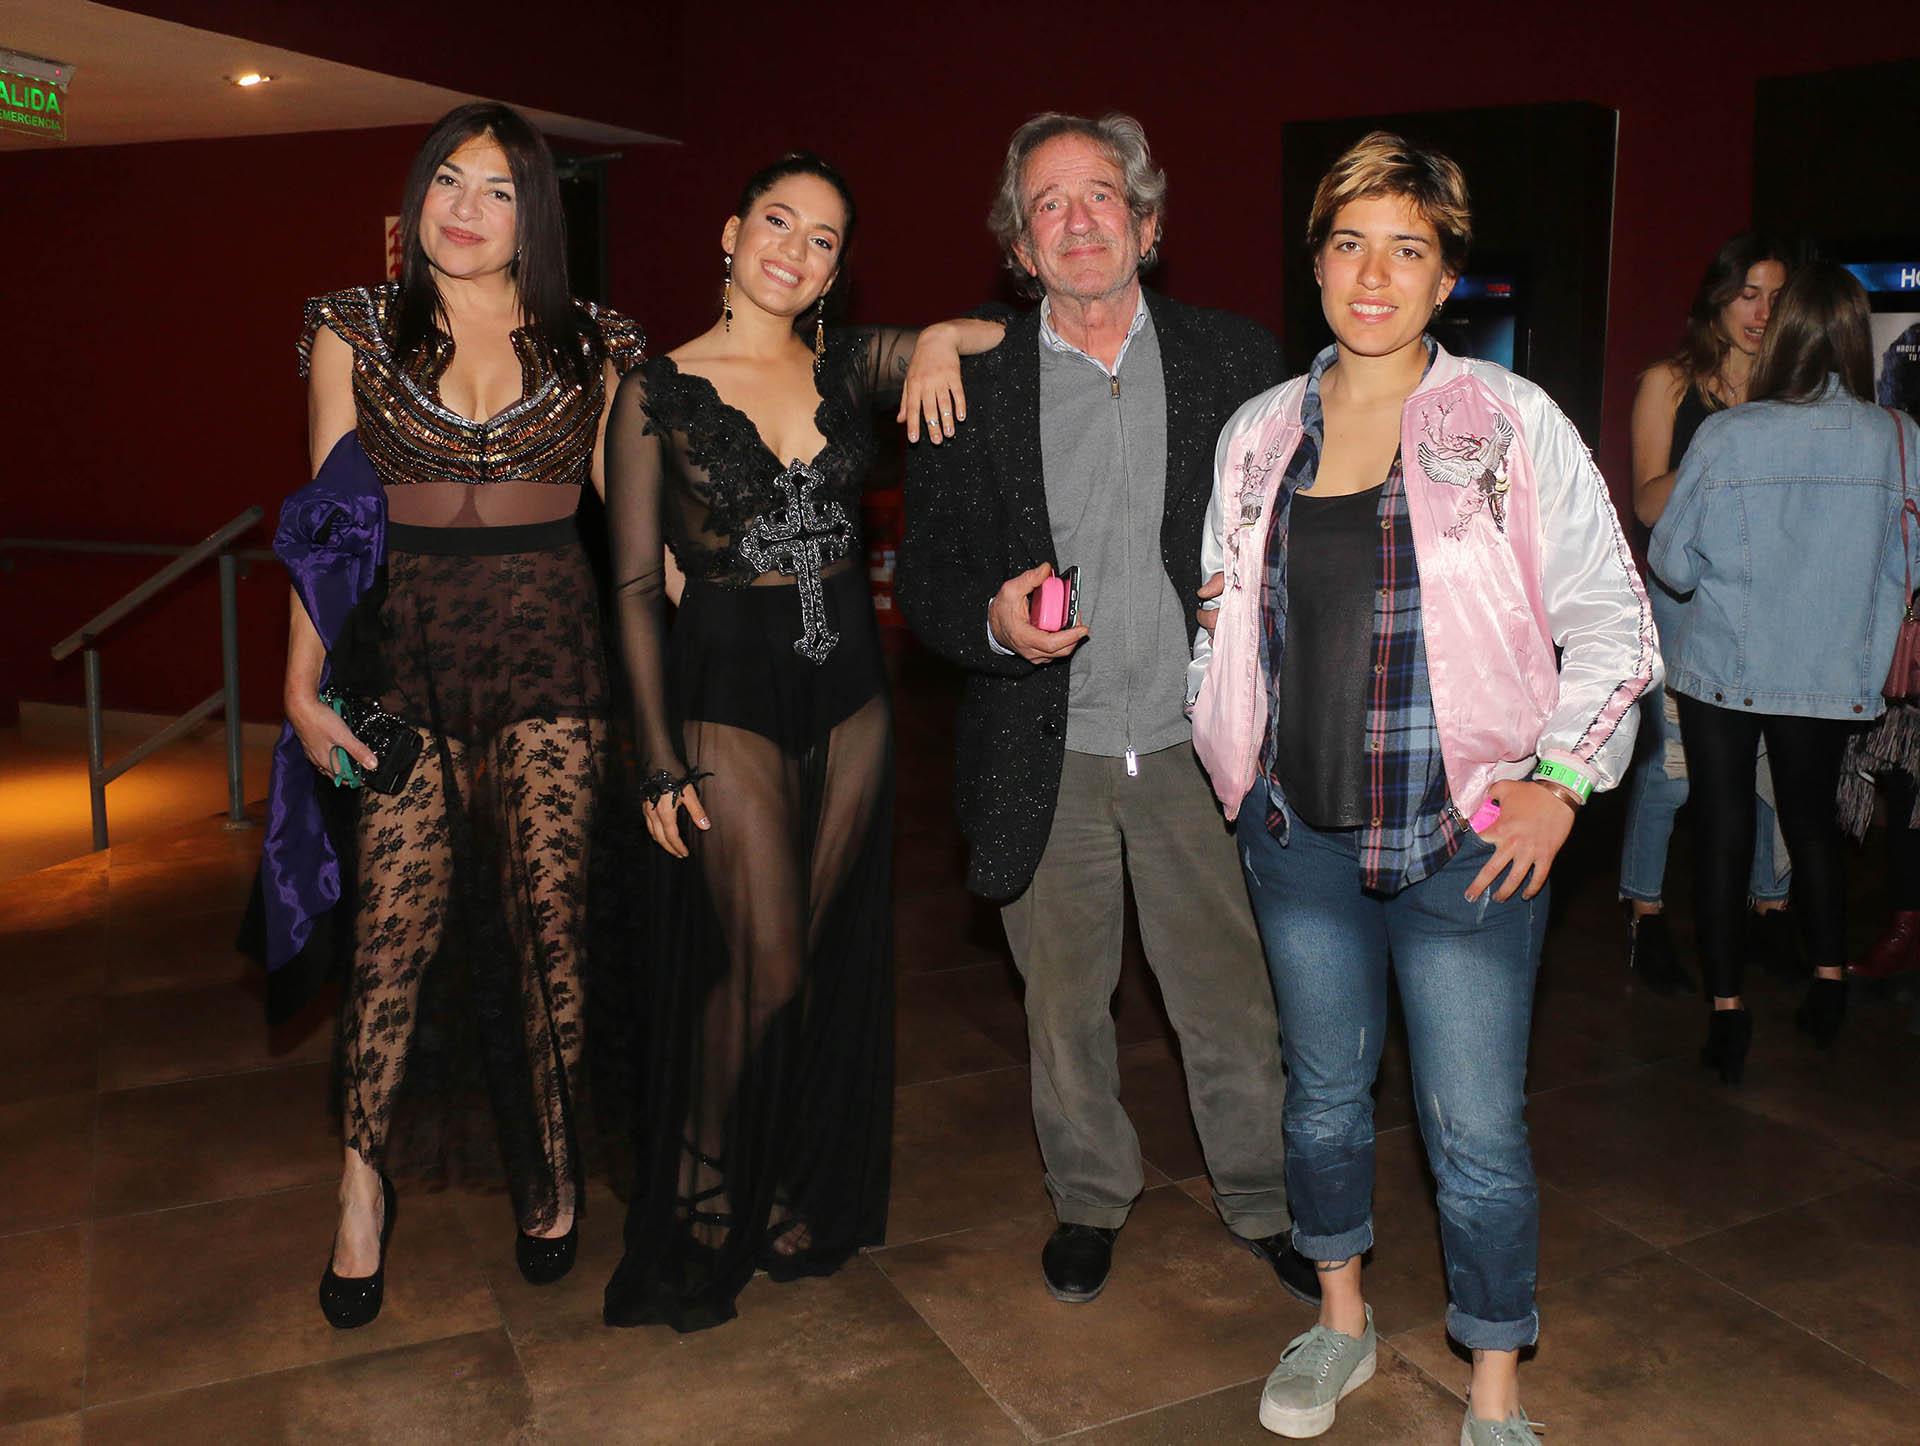 Agostina con sus papás, Claribel Medina y Pablo Alarcón, y su hermana, Antonella